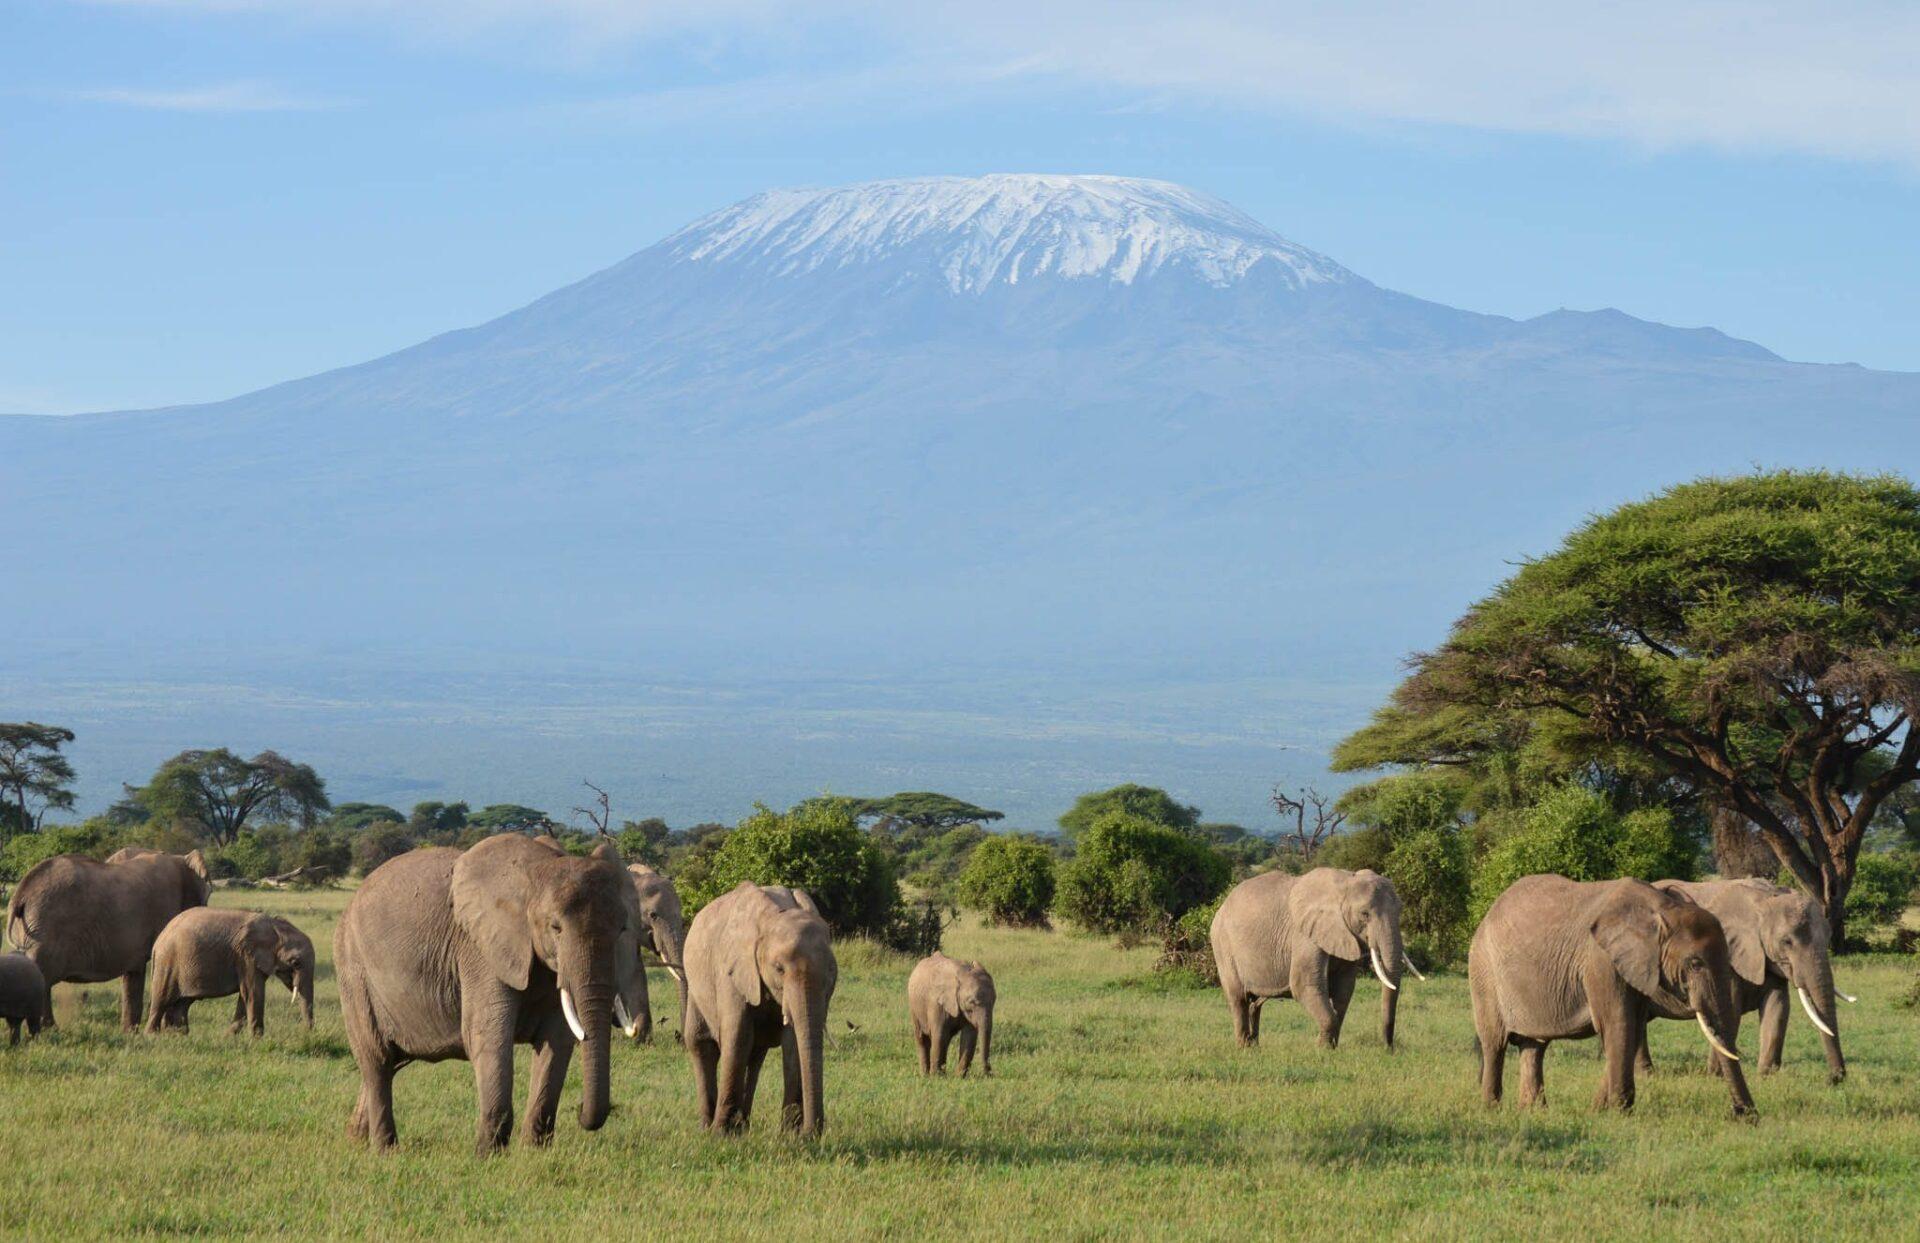 elephants in amboseli park